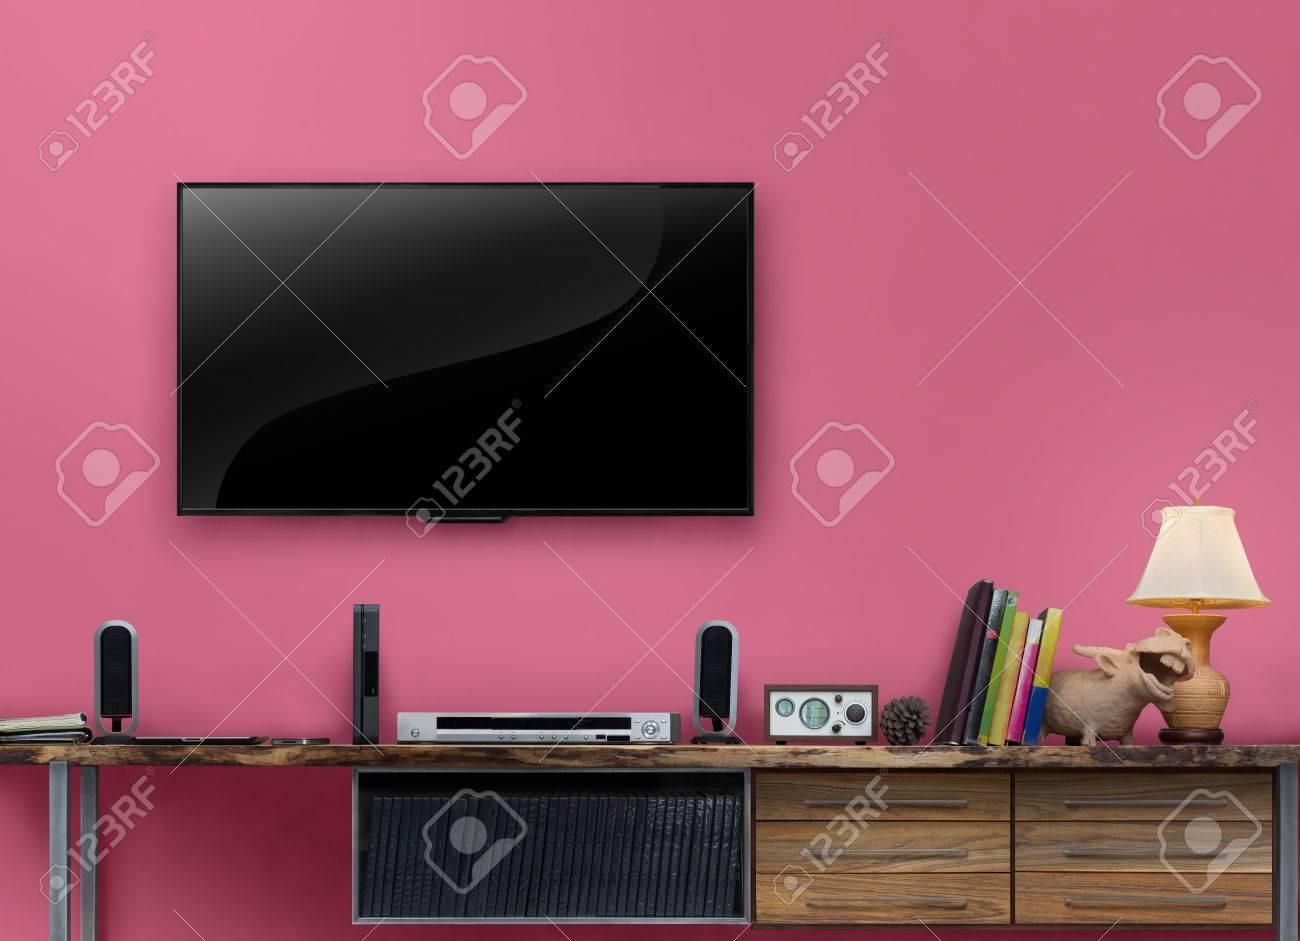 Full Size of Led Tv Holztisch Medienmbel Mit Rosa Wand Im Wohnzimmer Schrank Big Sofa Heizkörper Bad Braun Spiegel Schlafzimmer Stehlampe Liege Küche Schrankwand Kleines Wohnzimmer Wohnzimmer Led